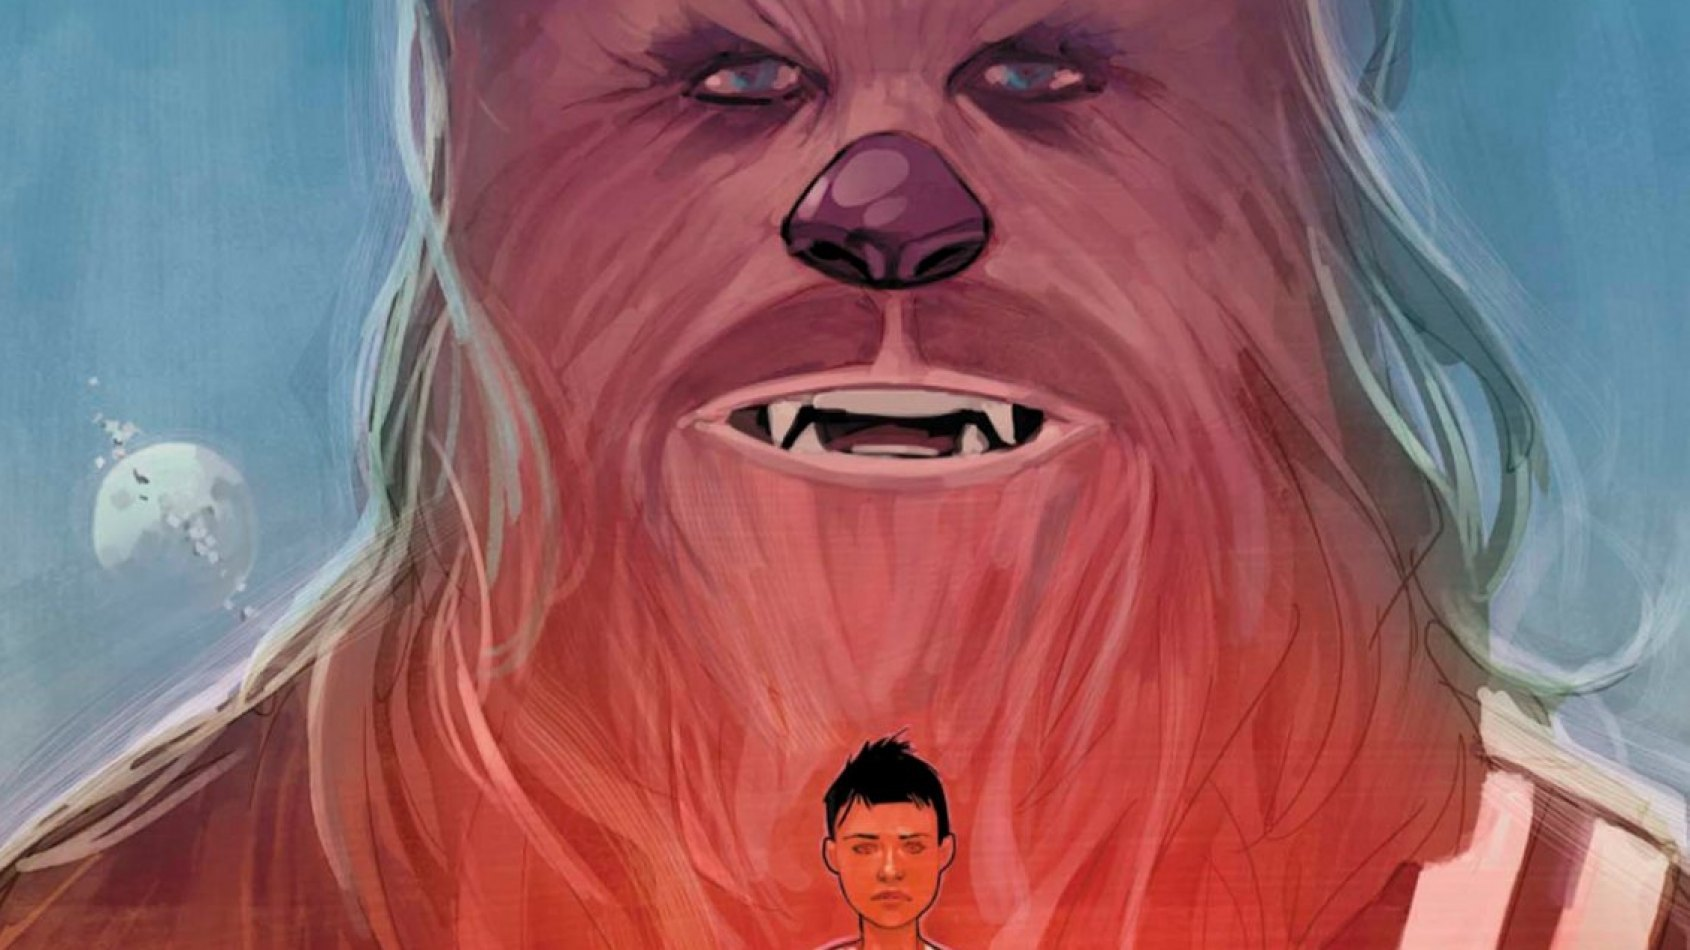 Panini : Sortie de Chewbacca